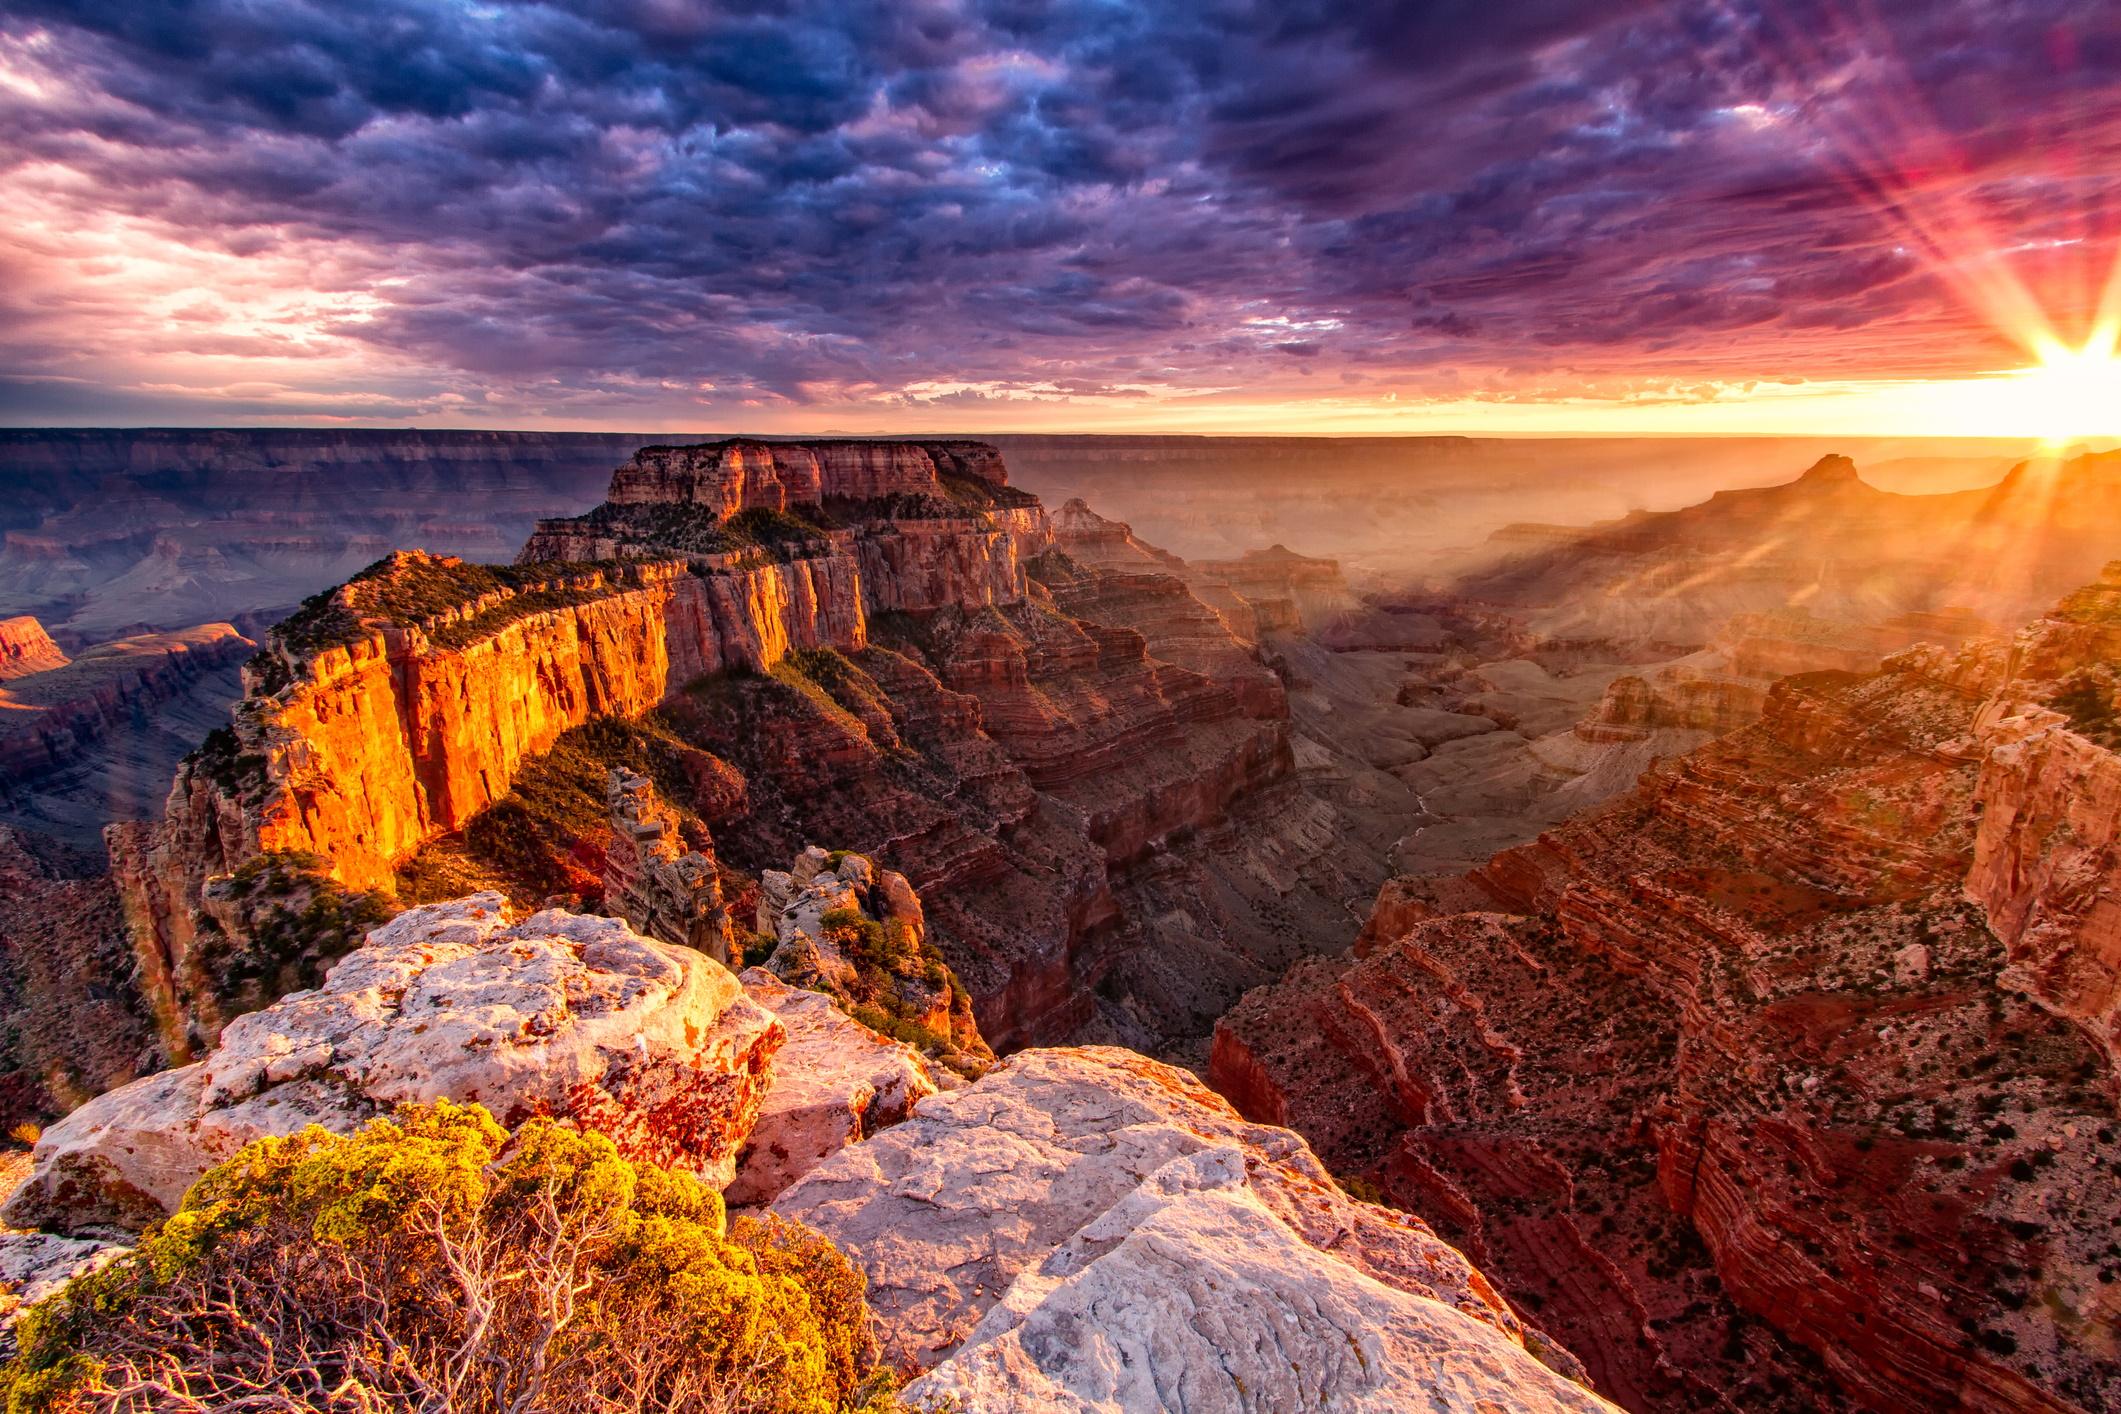 <p><strong>Големия каньон, САЩ</strong></p>  <p>Той е обявен за един от 11-те най-застрашени исторически обекта в САЩ от Националния тръст за опазване на историята поради амортизация от мащабния туризъм.</p>